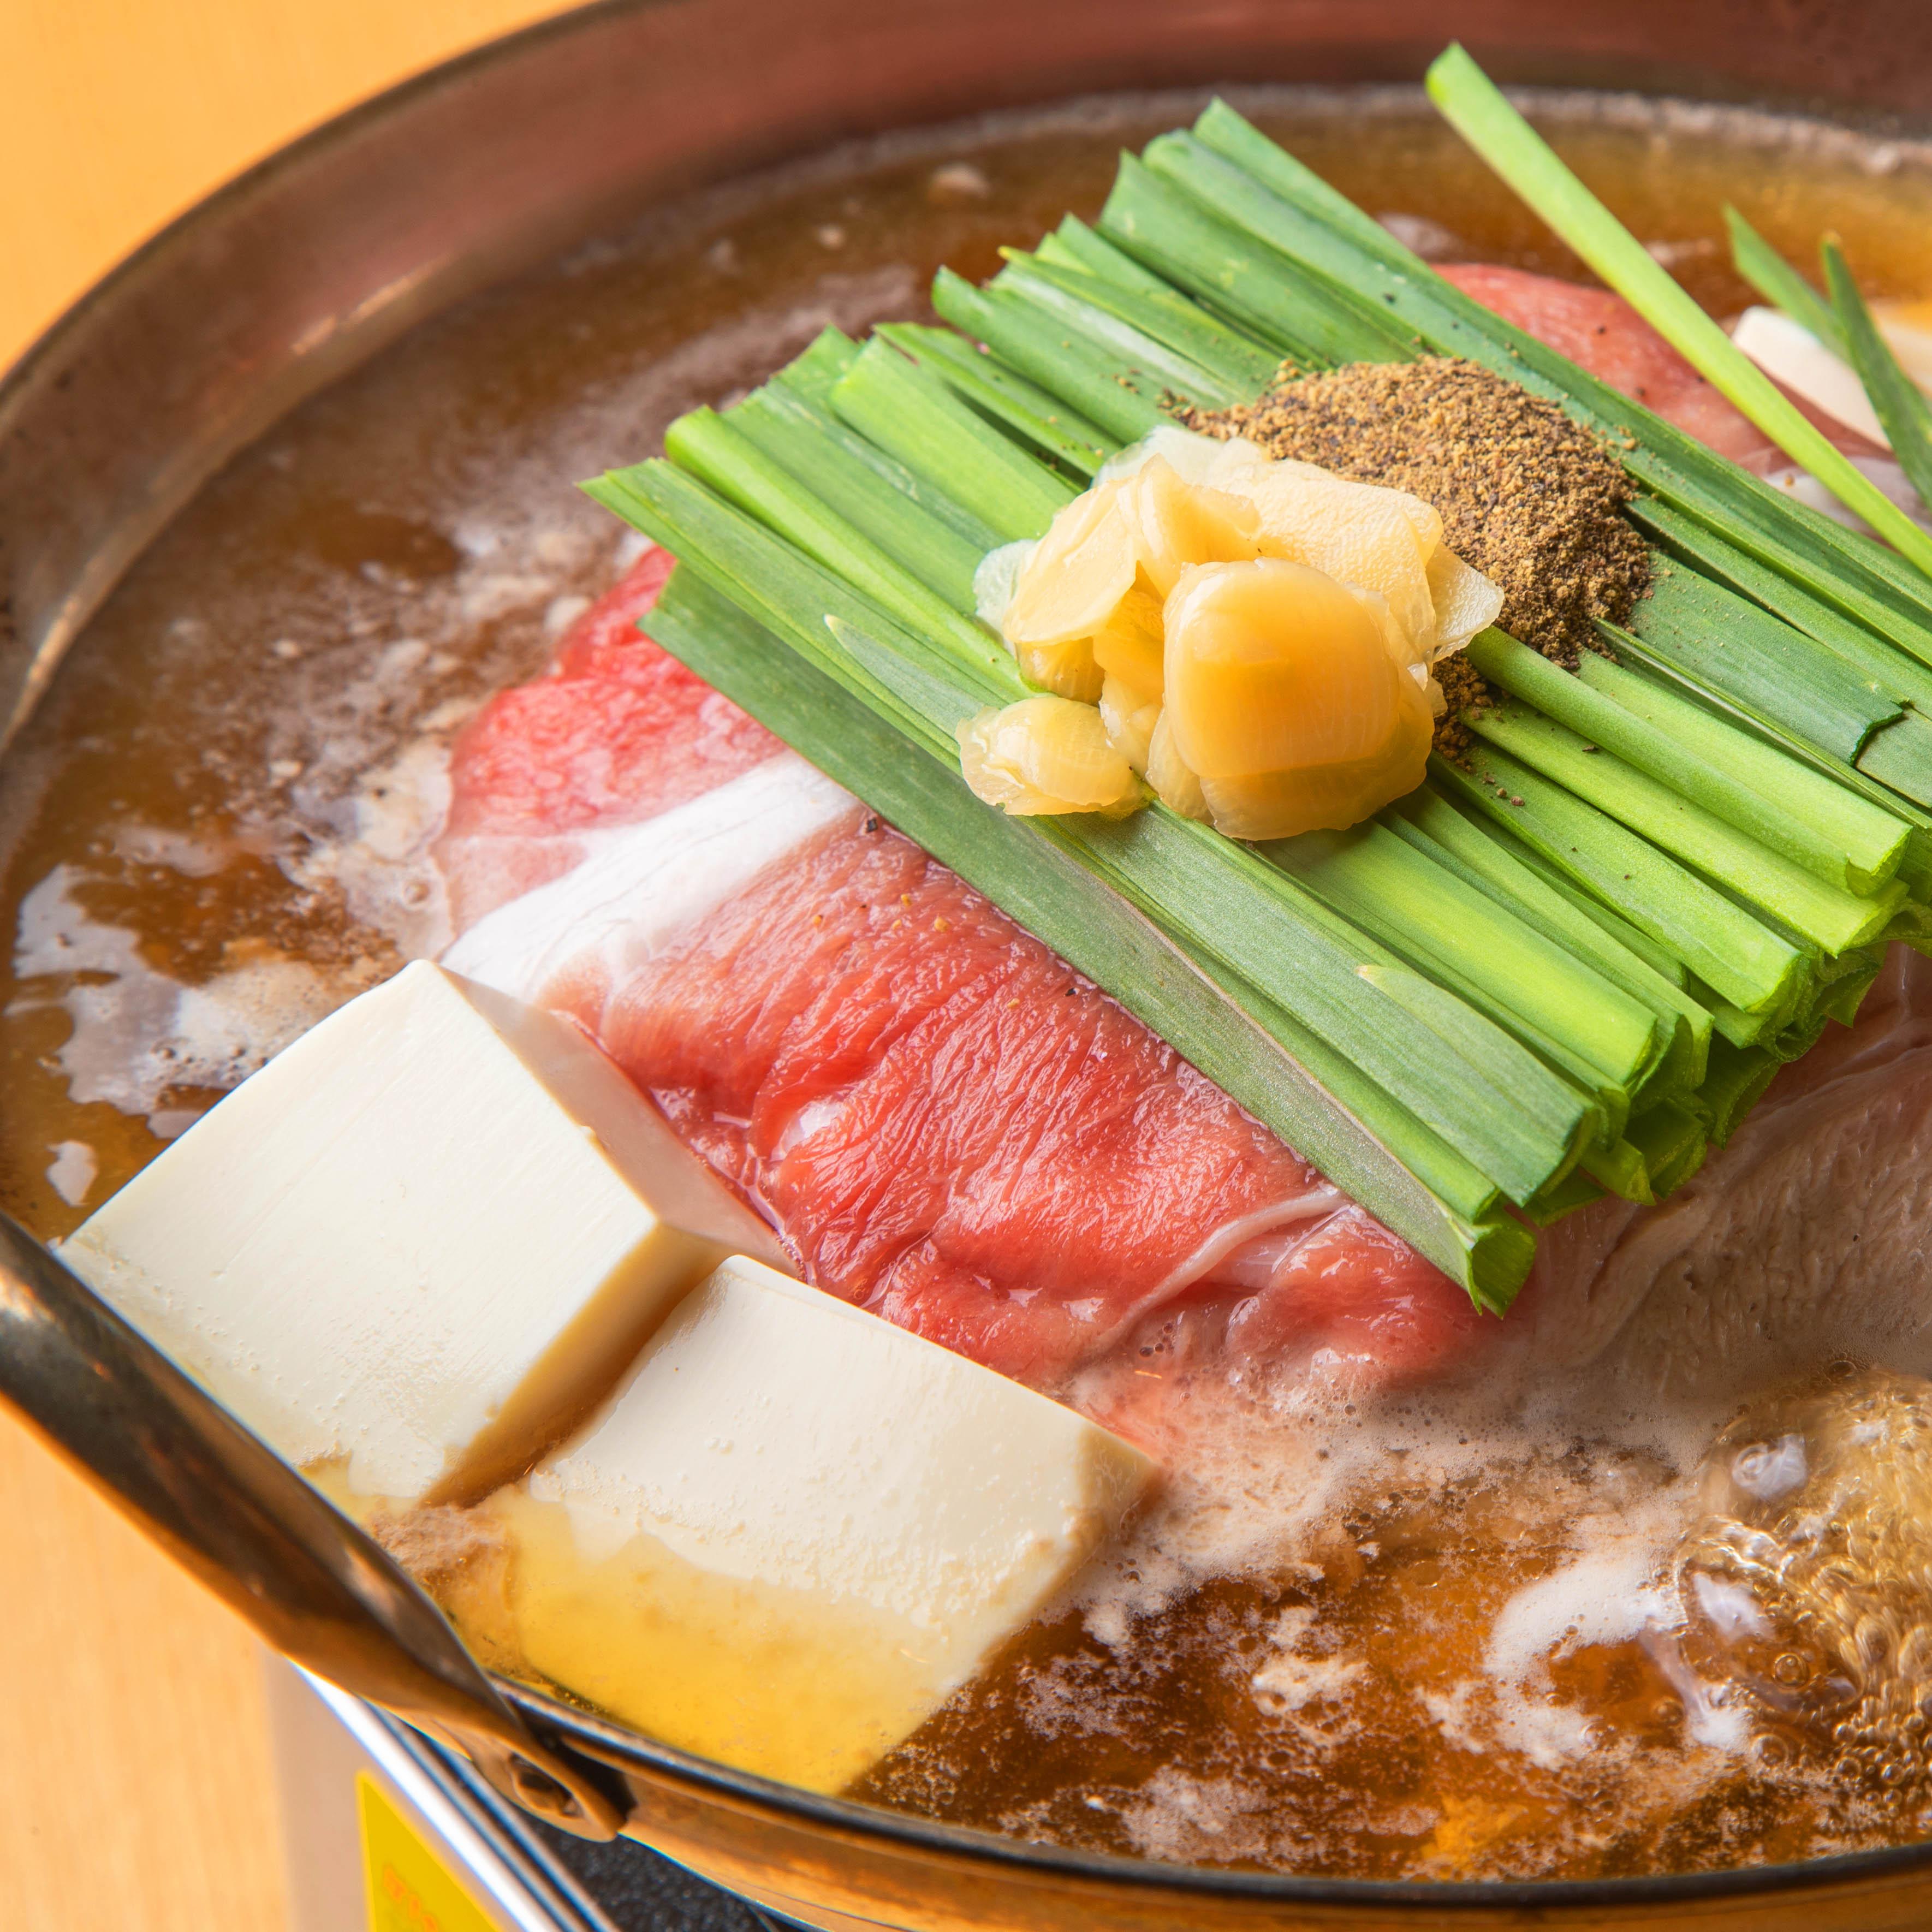 ぶた鍋【霧島黒豚 黒胡椒鍋】